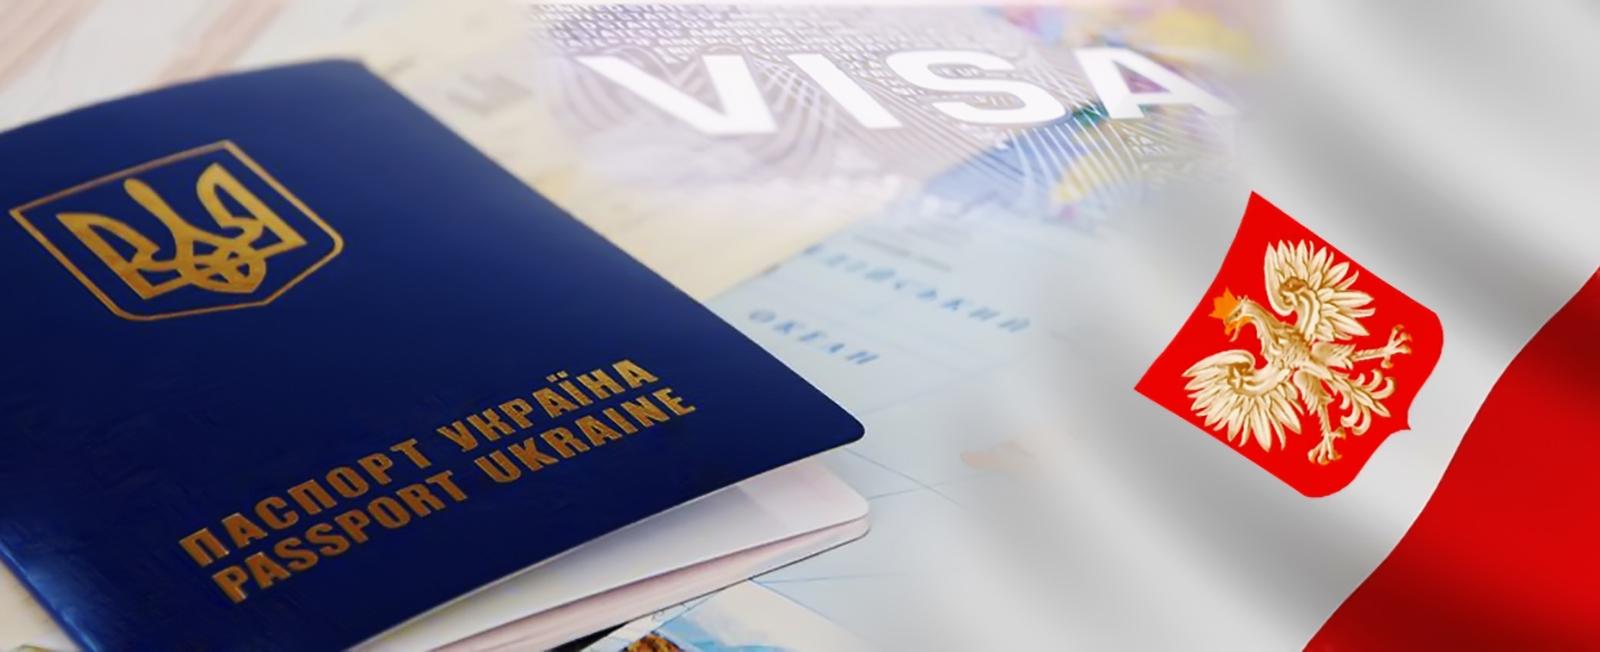 Польща скасувала робочі візи для українців та запровадила спрощений порядок працевлаштування